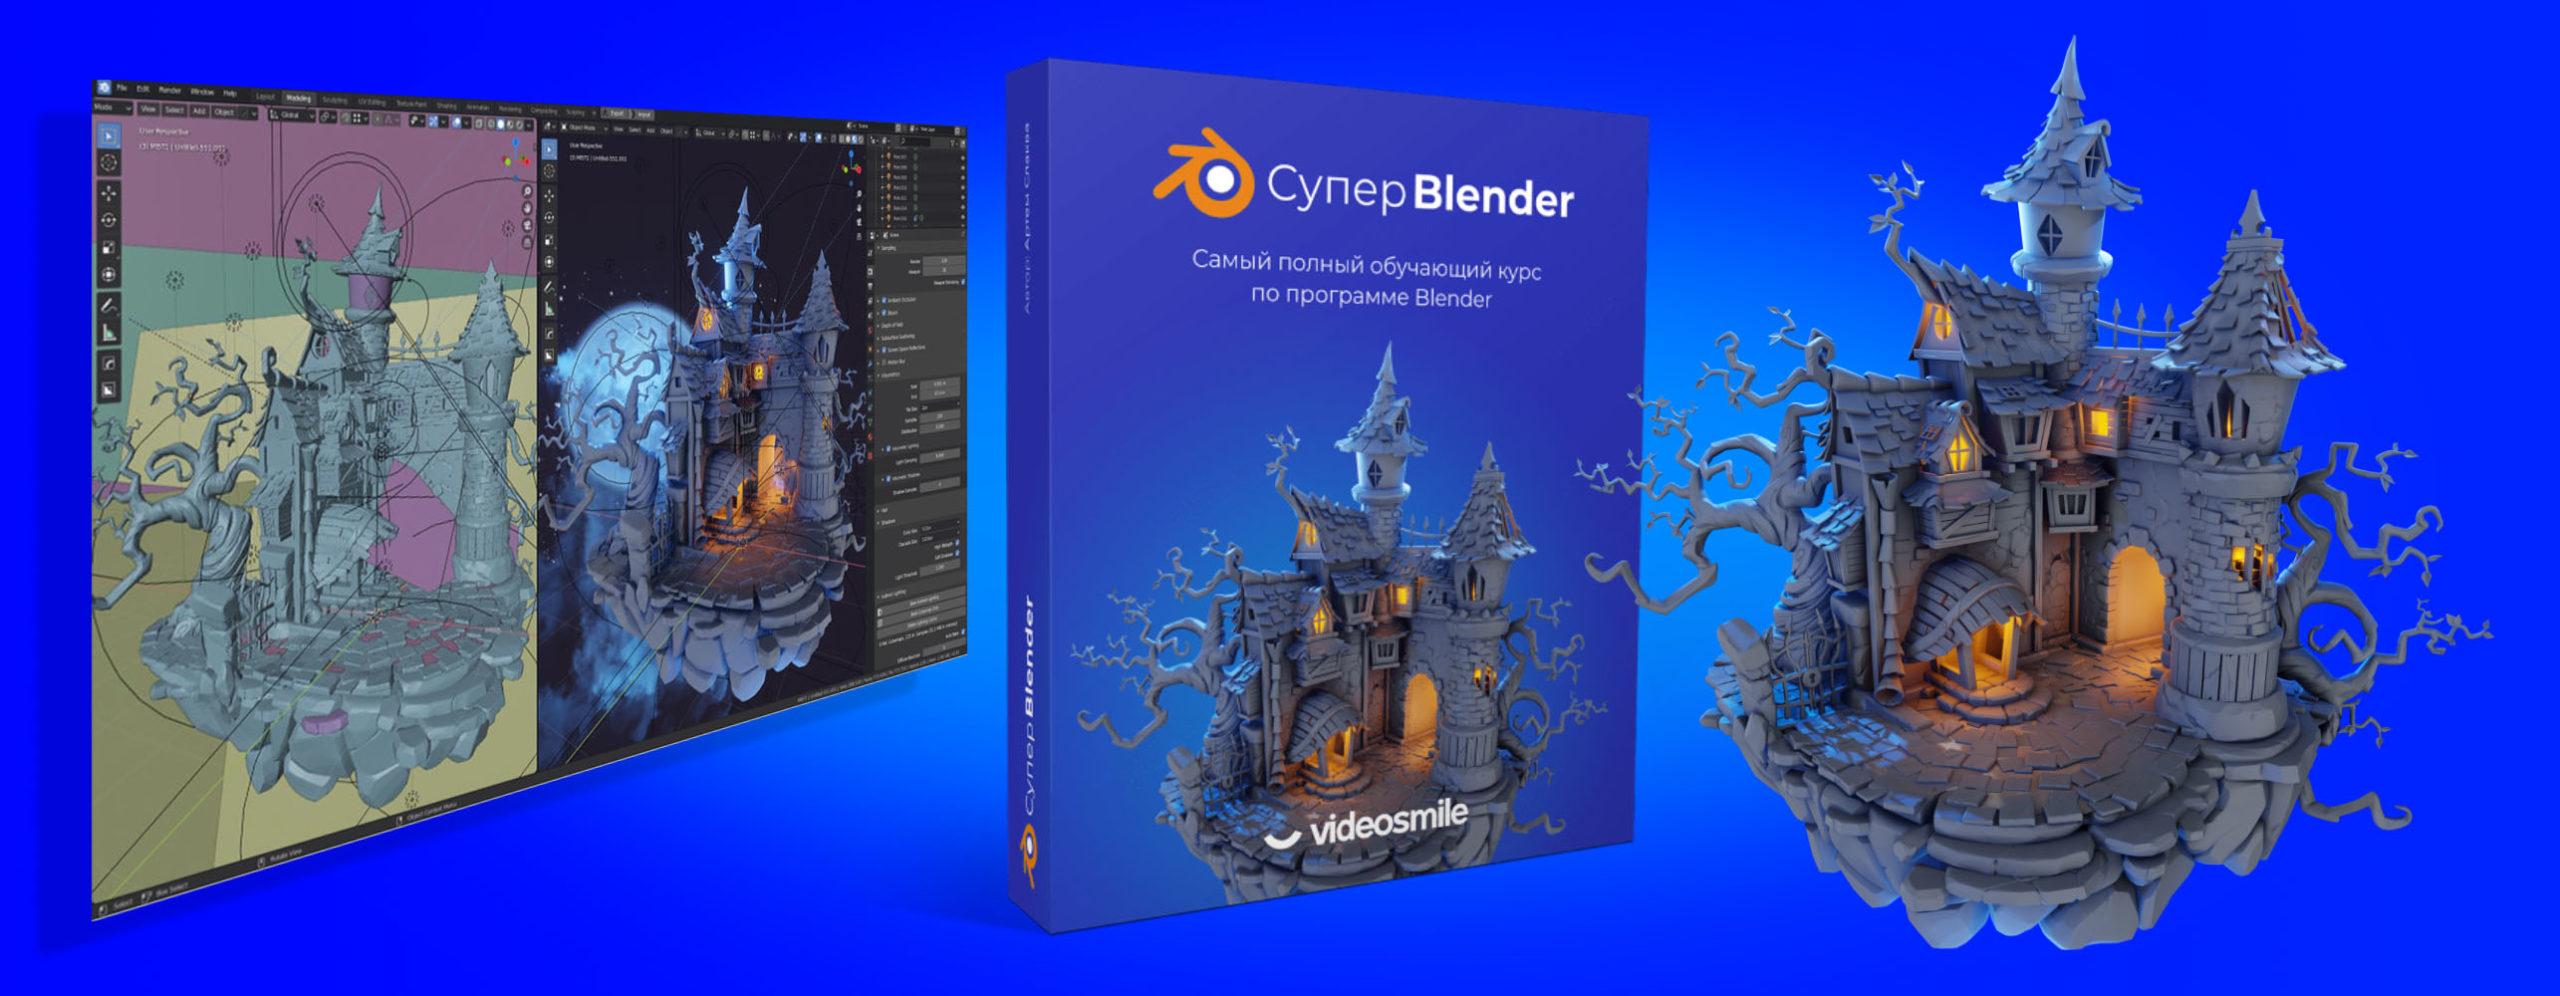 Курс «Супер Blender»